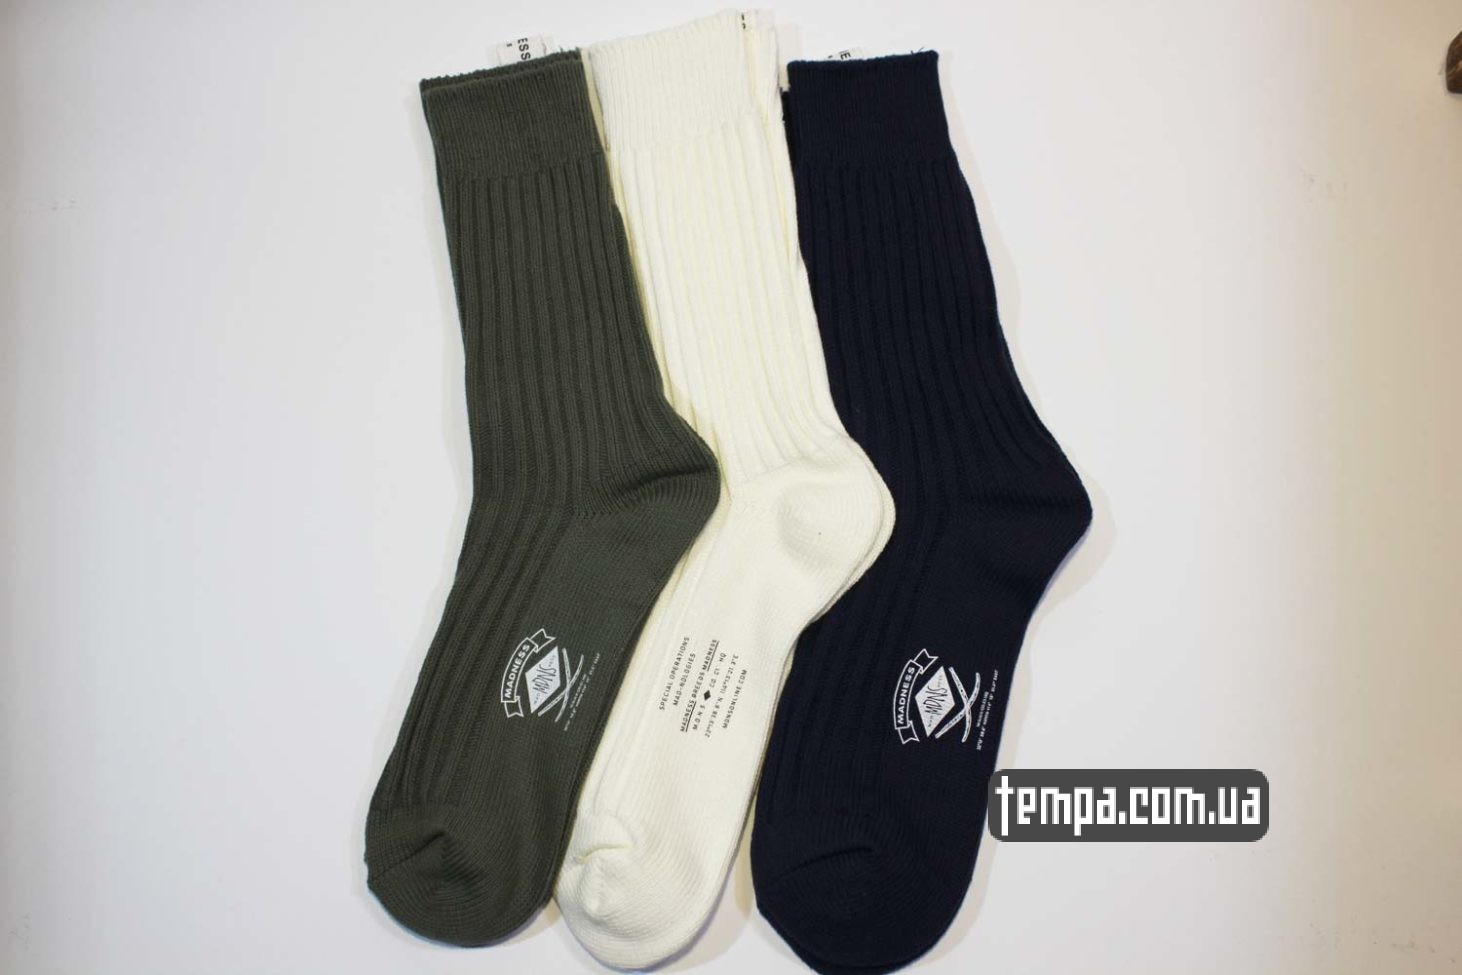 теплые зимние высолкие носки MADENESS зеленые бежевые синие